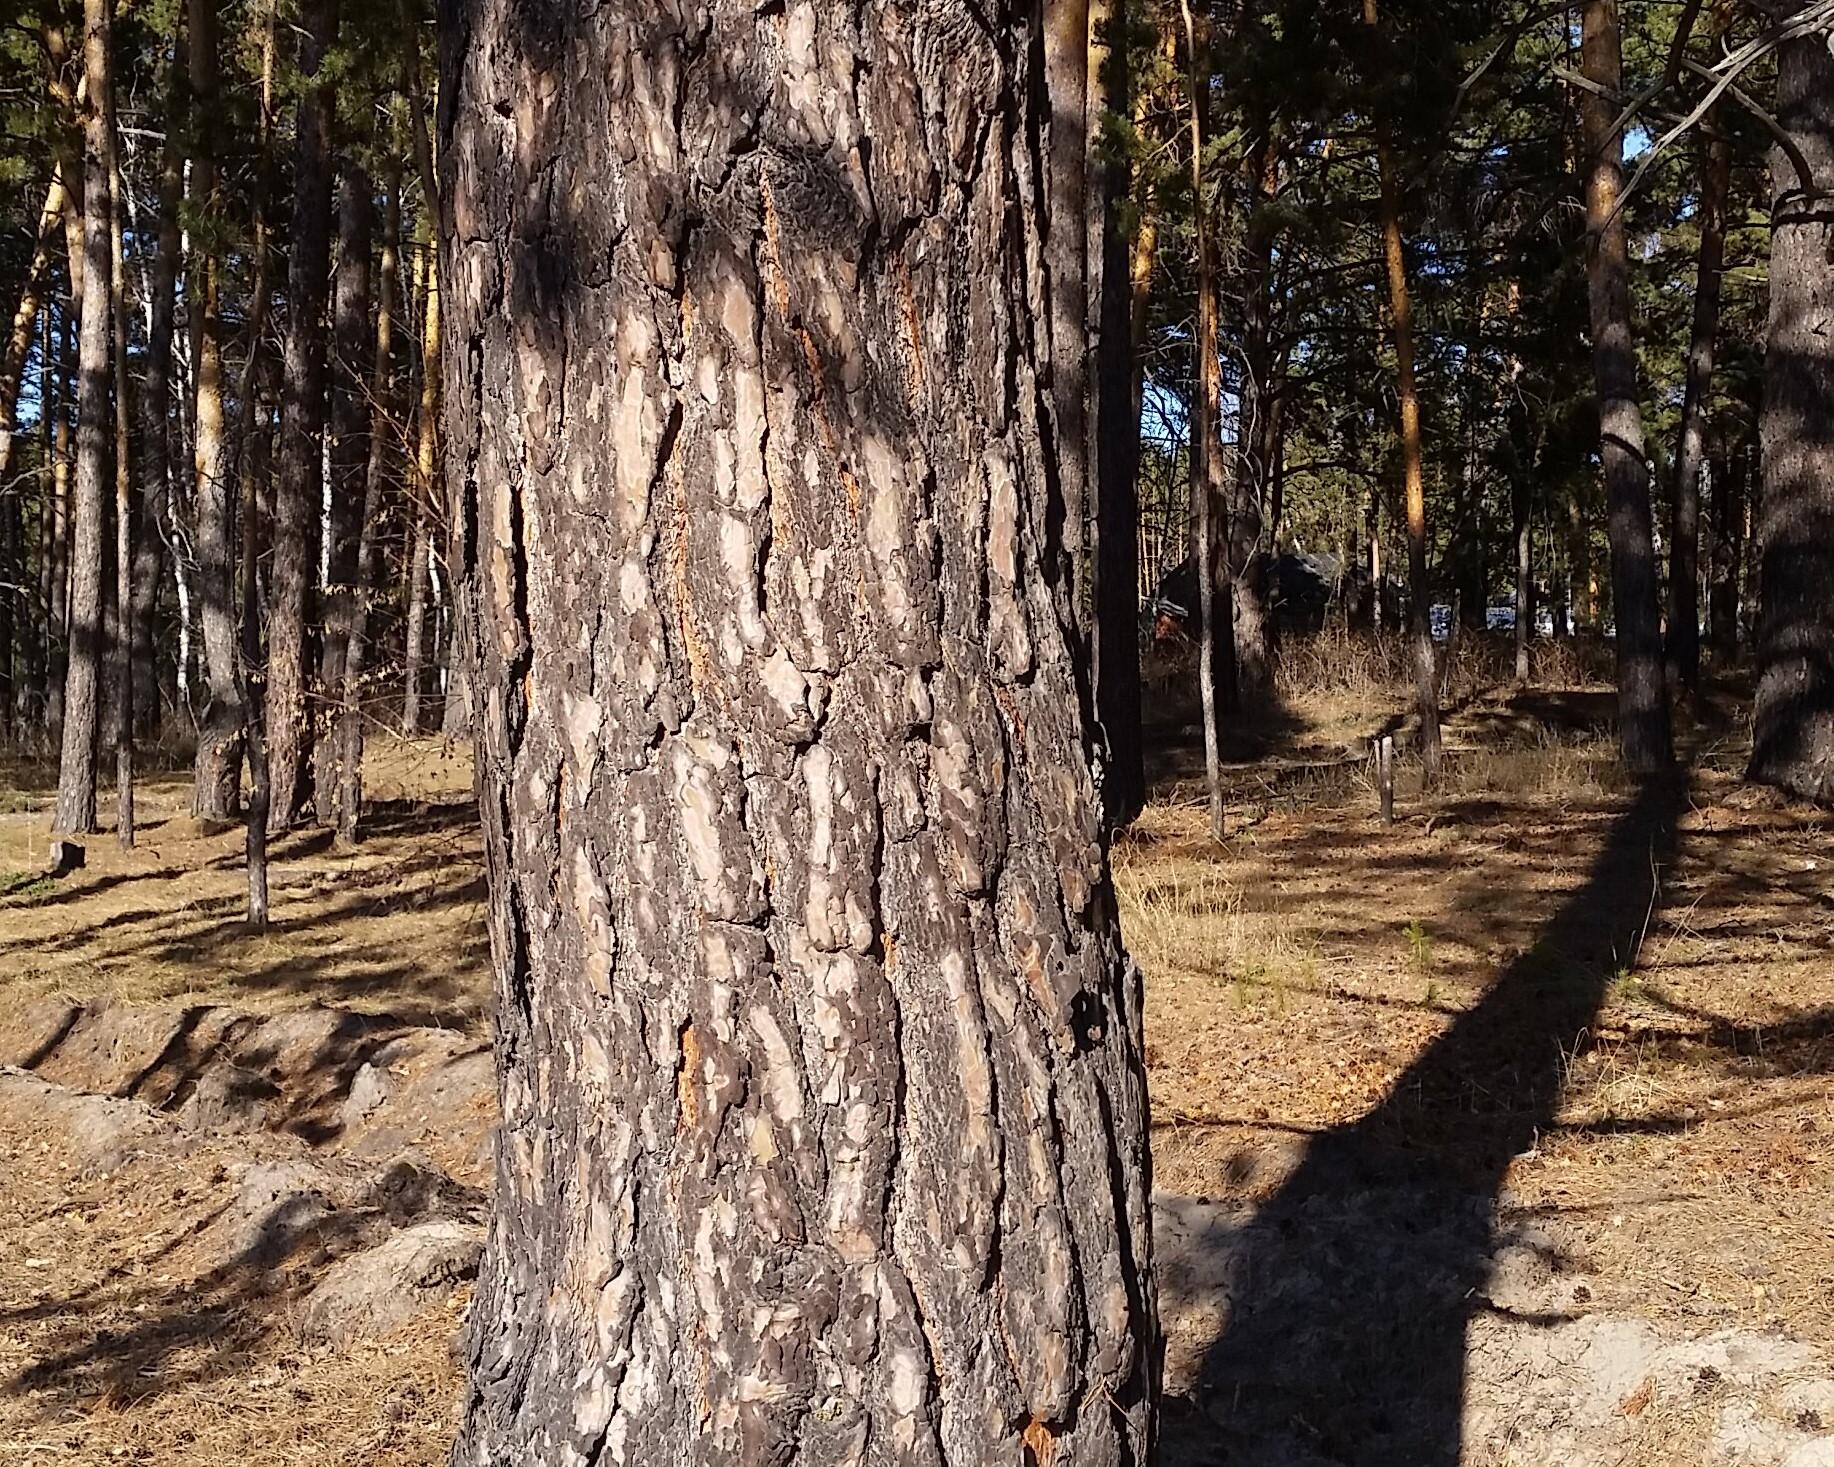 Старожилы утверждают, что возраст некоторых деревьев превышает 100 лет